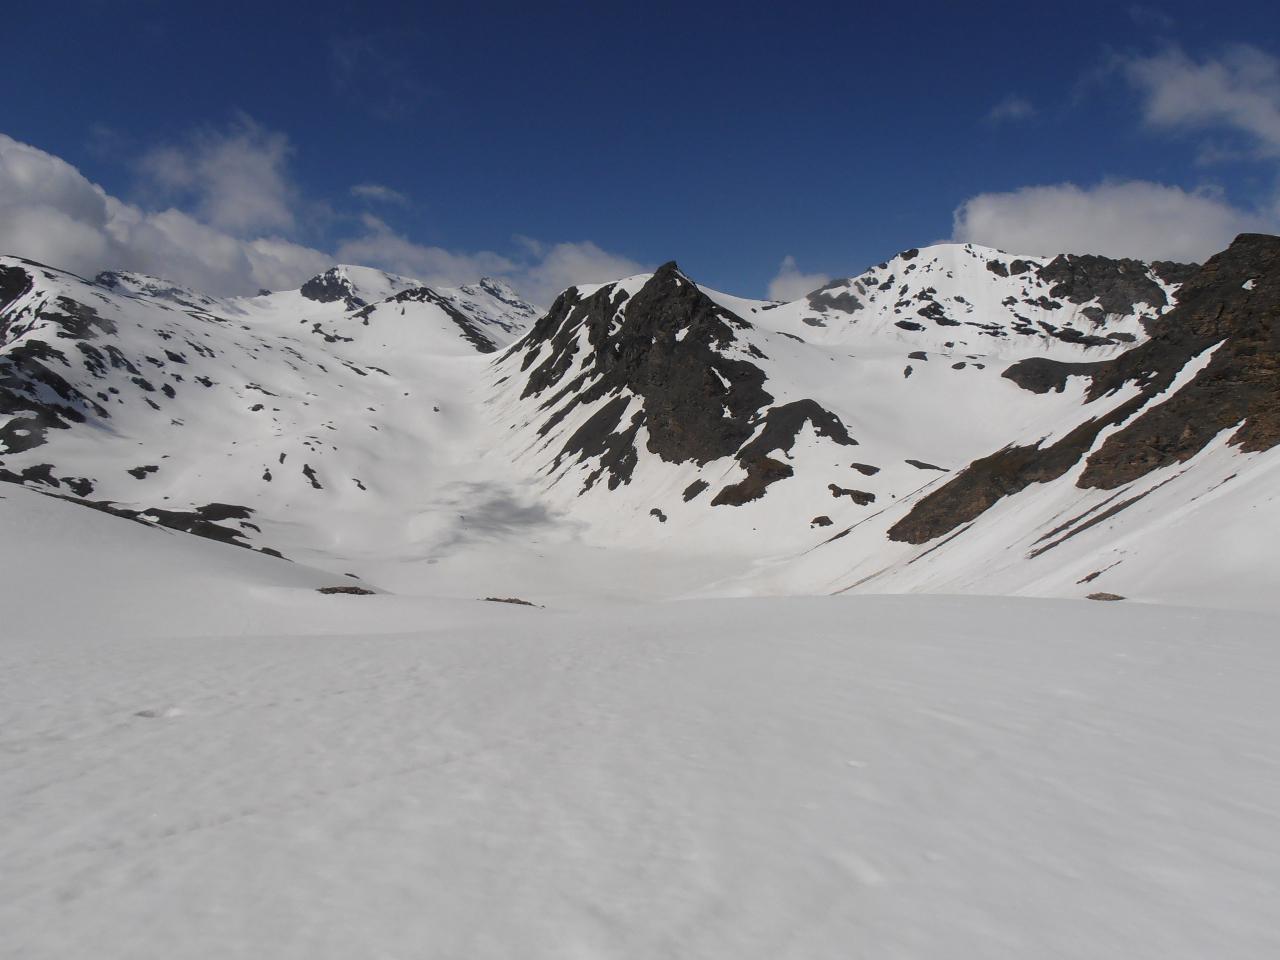 08 - panorama verso ovest, Pointe de Bezin sud e nord; sullo sfondo Buffettes e Mean Martin